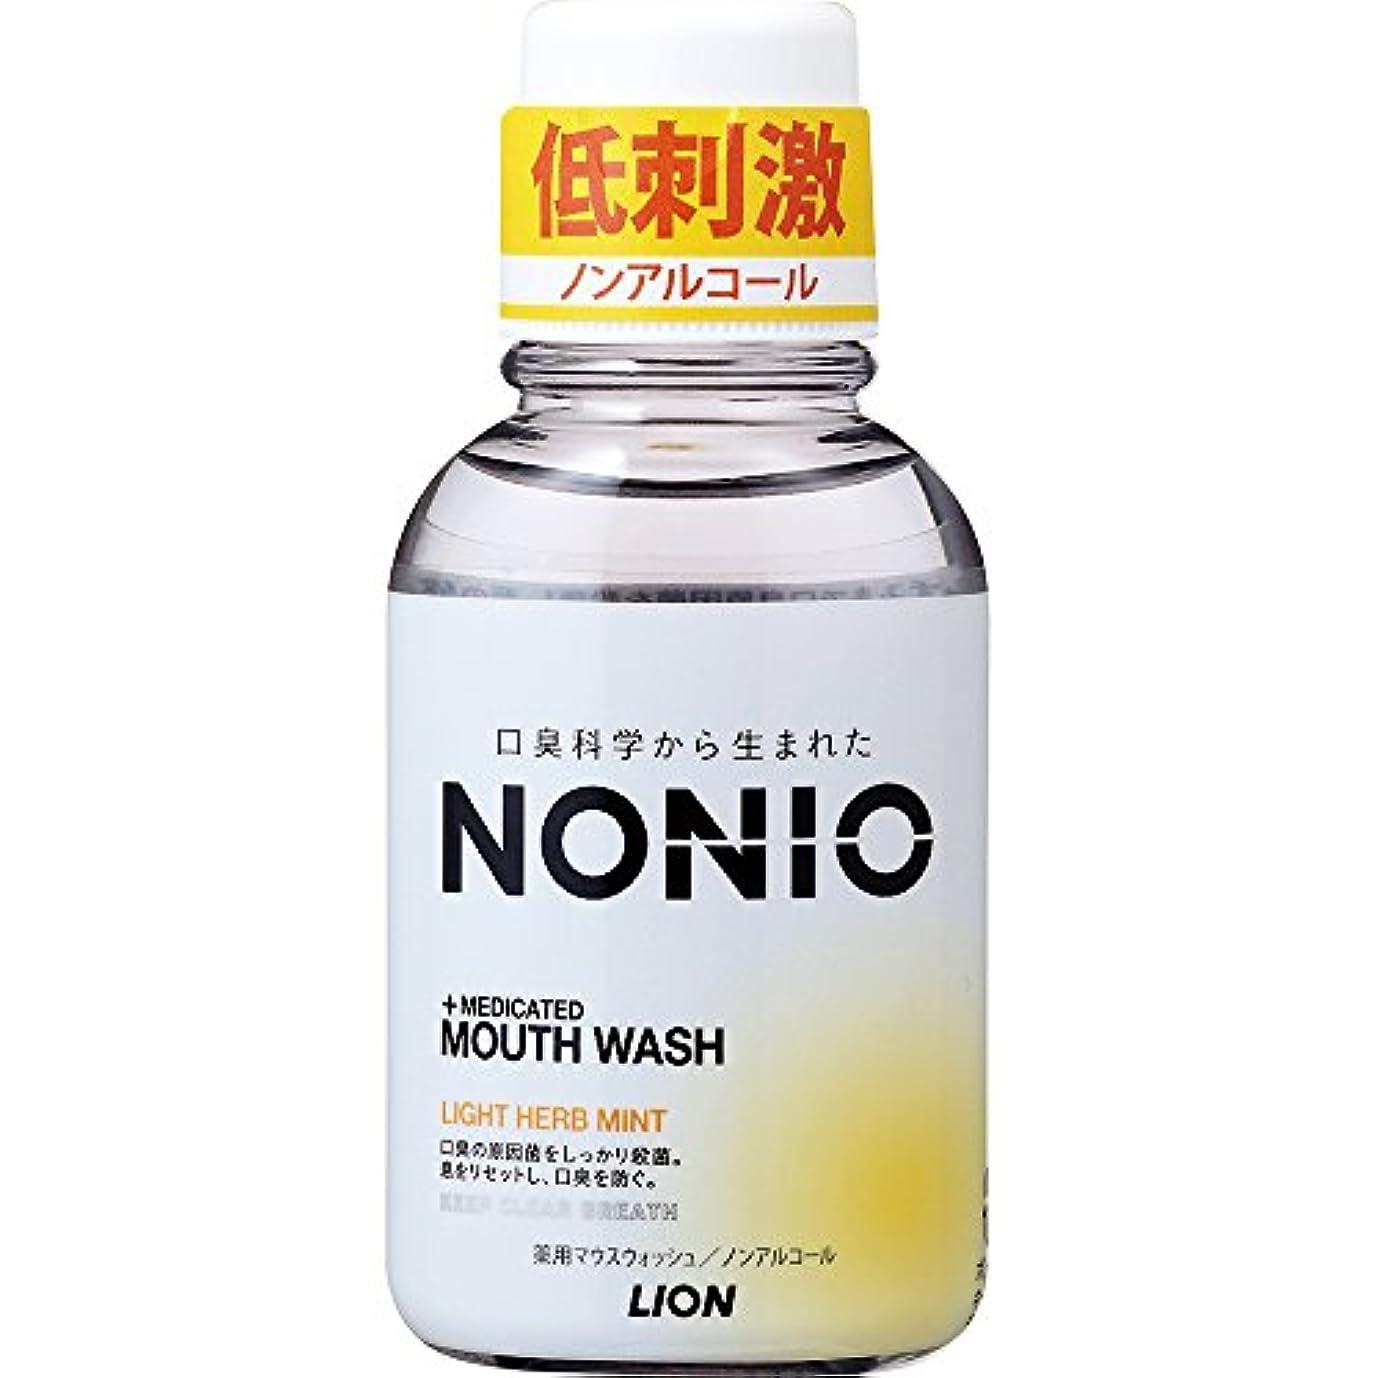 意識送料間隔NONIO マウスウォッシュ ノンアルコール ライトハーブミント 80ml 洗口液 (医薬部外品)